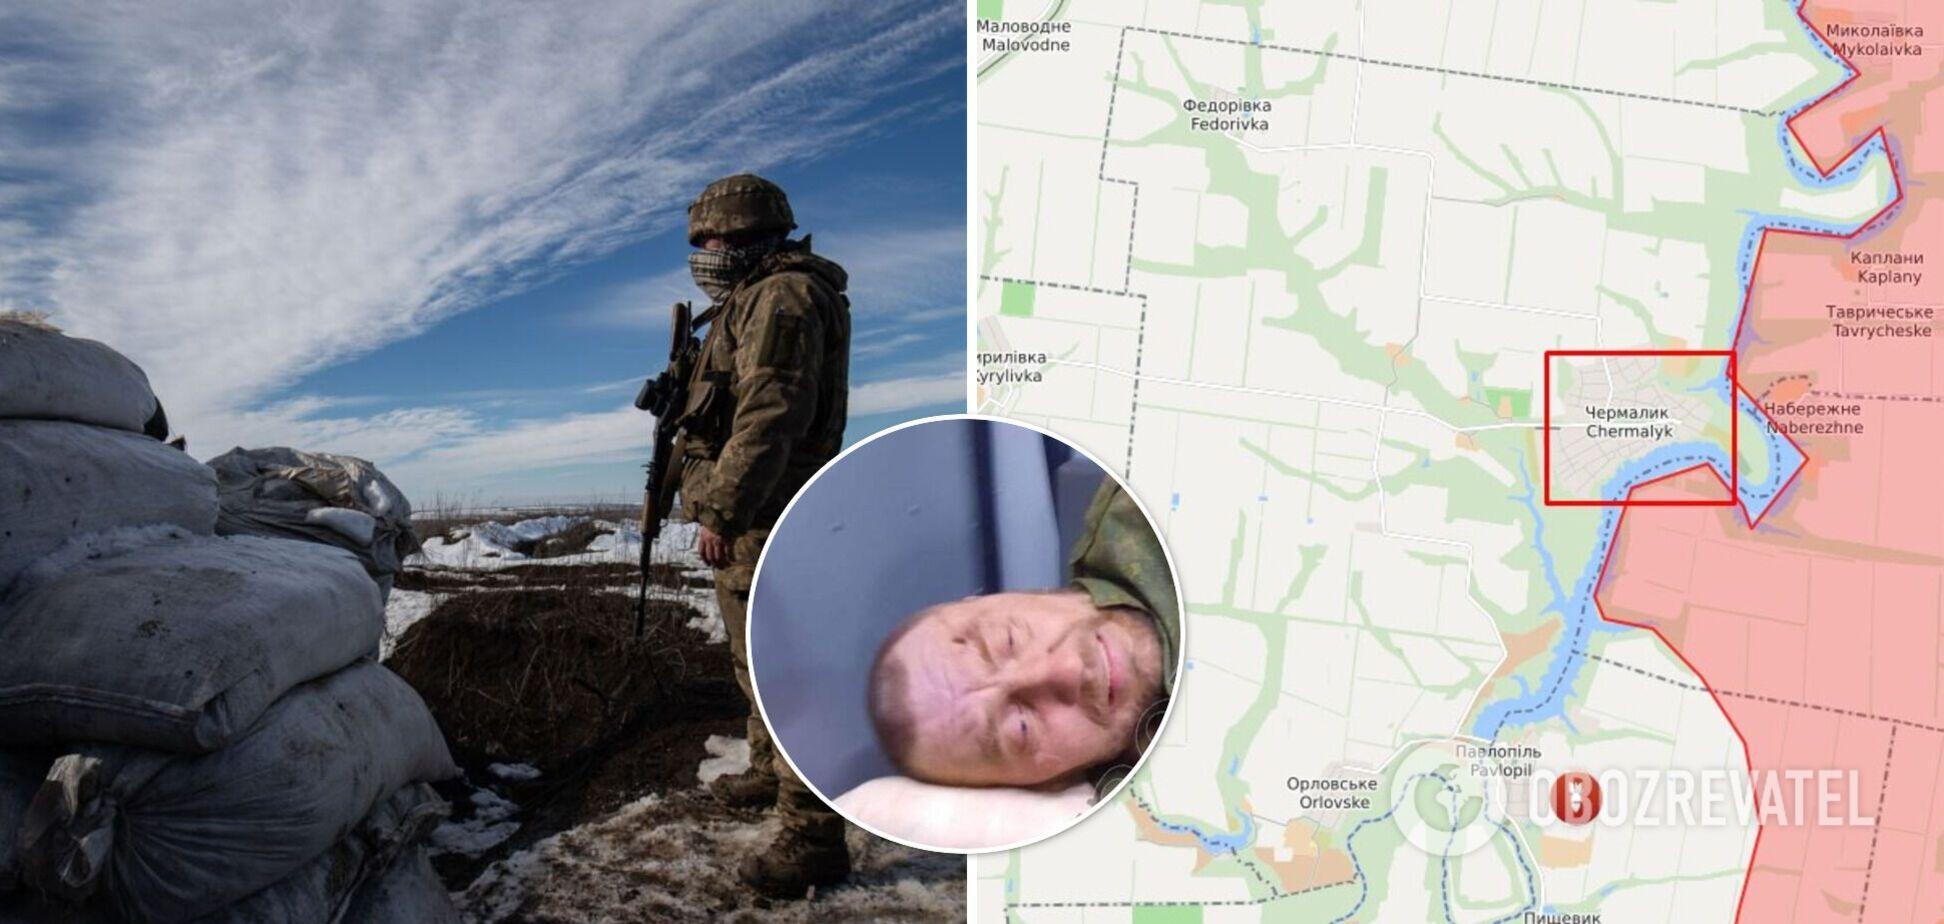 Окупант проник на позицію ЗСУ і поранив воїна: фото героя та затриманого найманця